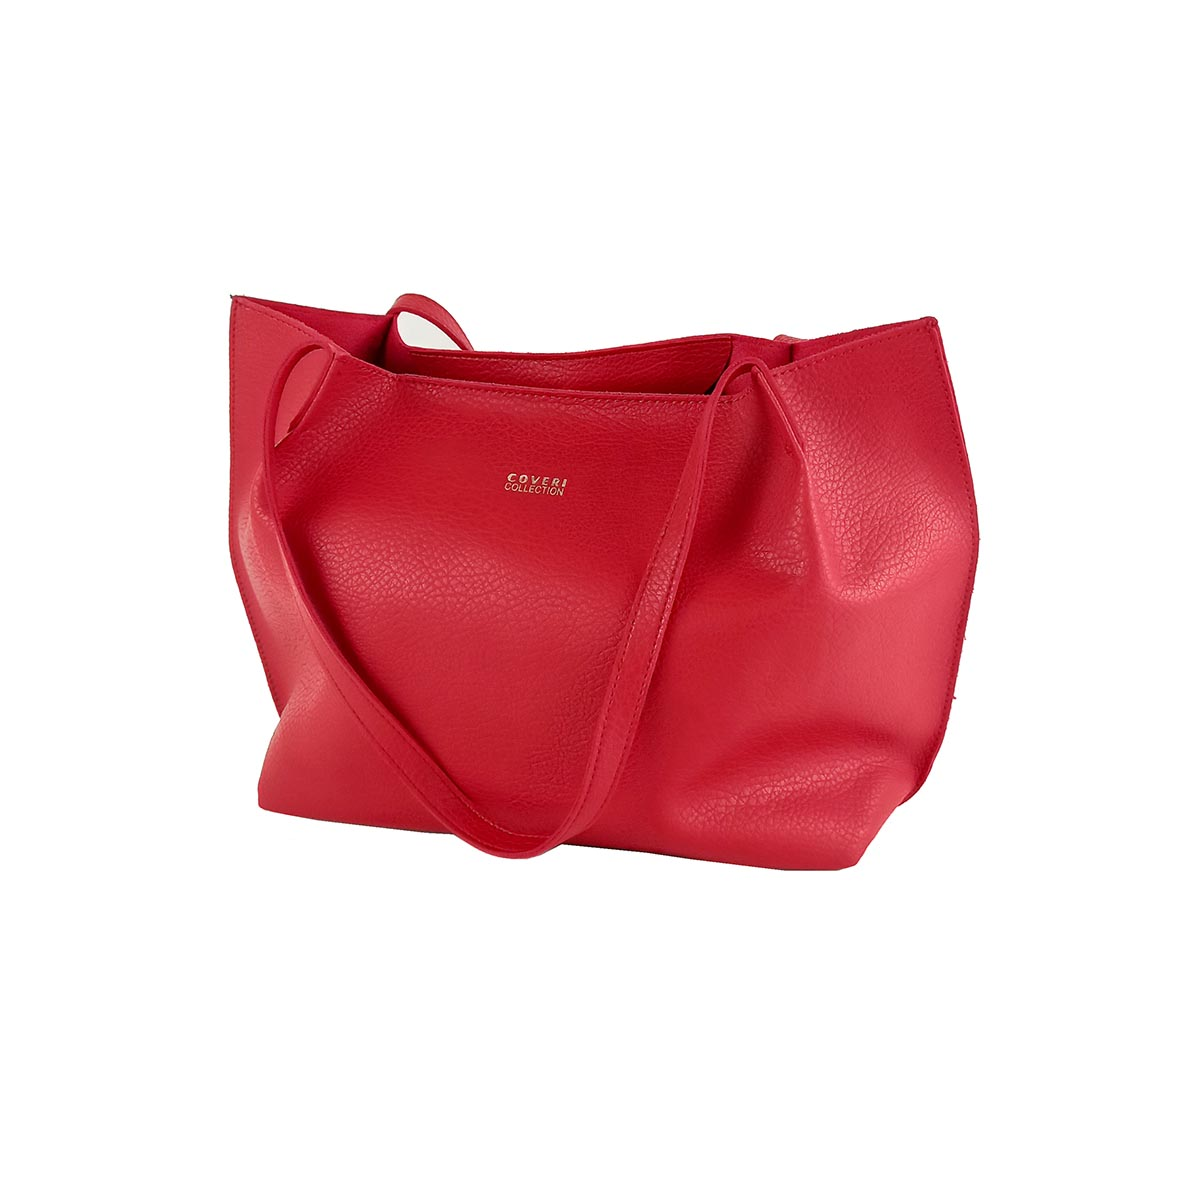 Γυναικεία Τσάντα Ώμου